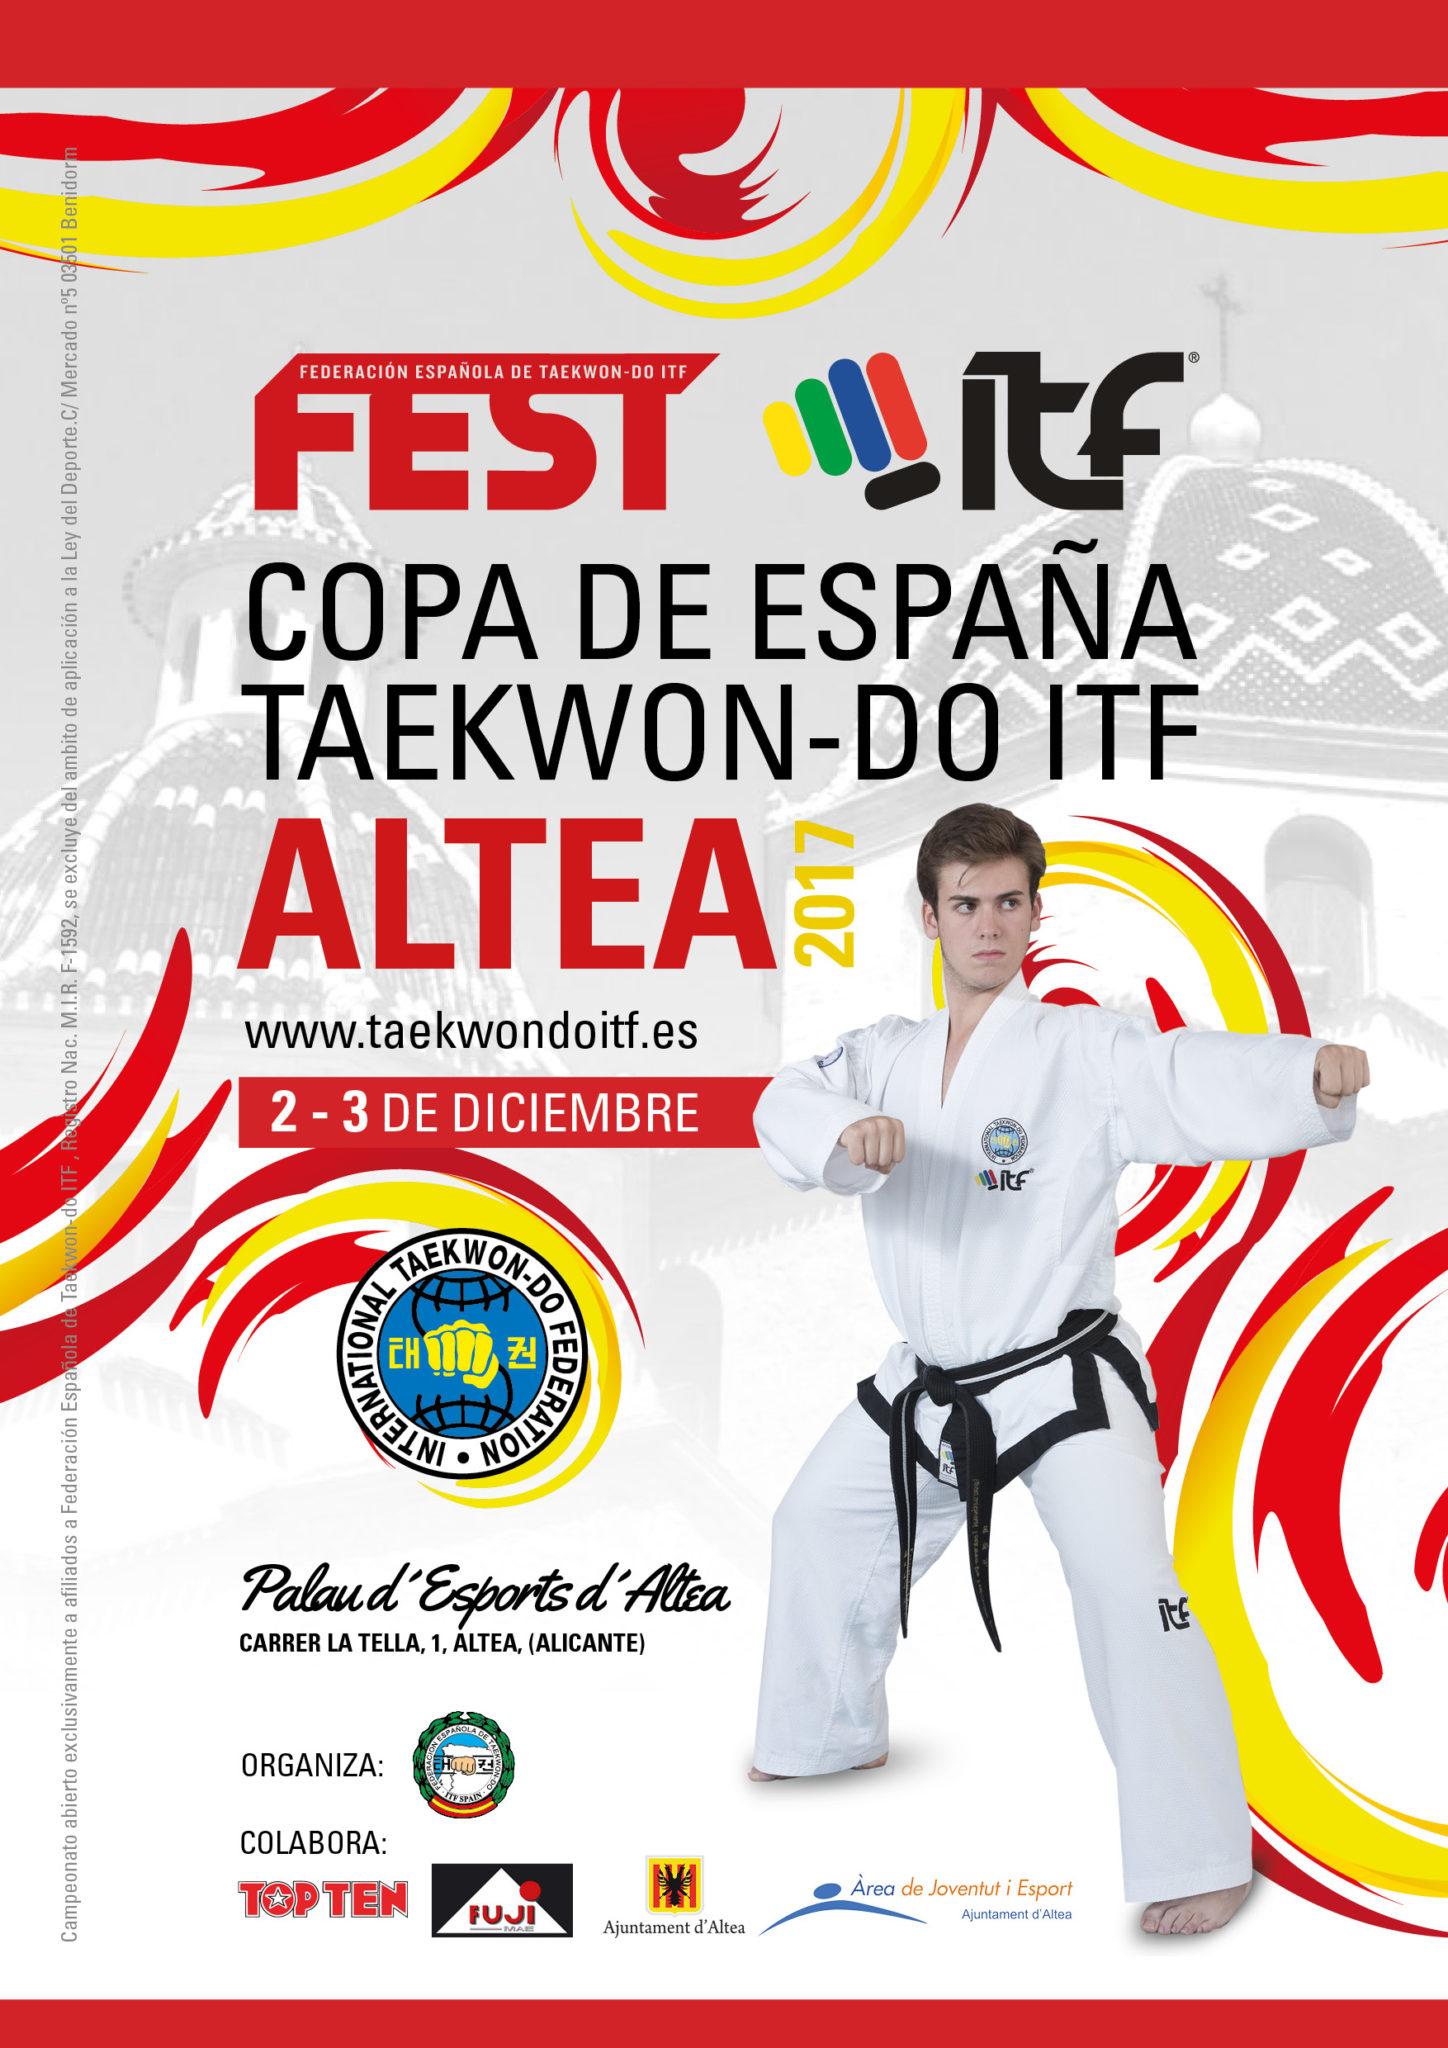 Altea acollirà els dies 2 i 3 de desembre la Copa d'Espanya de Taekwon-do ITF